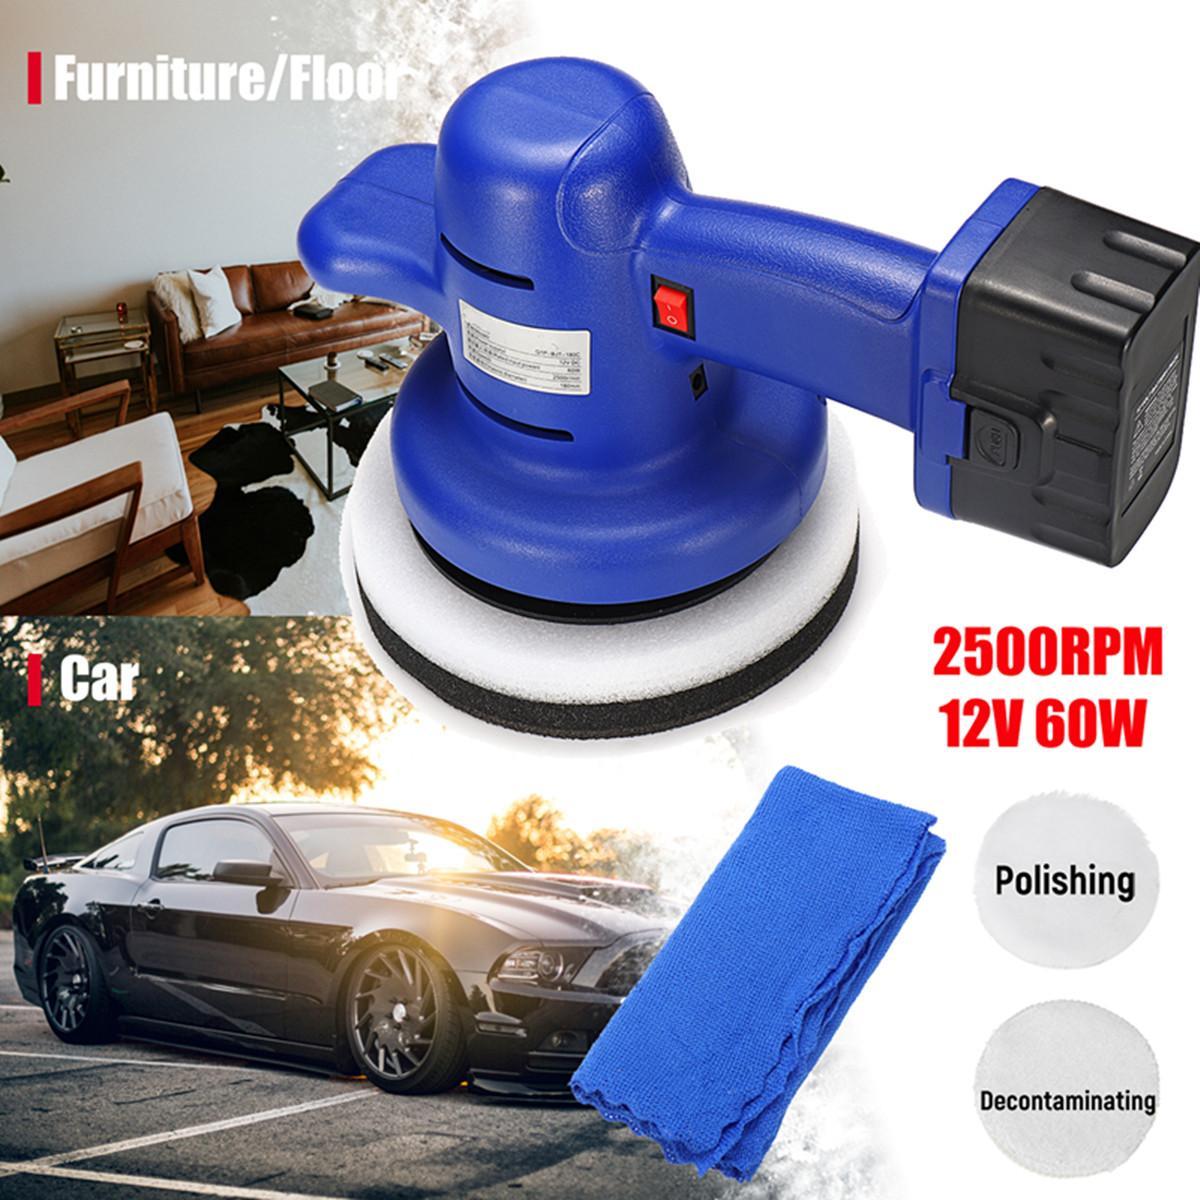 Portatile Cordless Lucidatrice Auto Cleaner Polish Macchina Ceretta Macchina Con 12 V Batteria Al Litio Per I Camion Auto